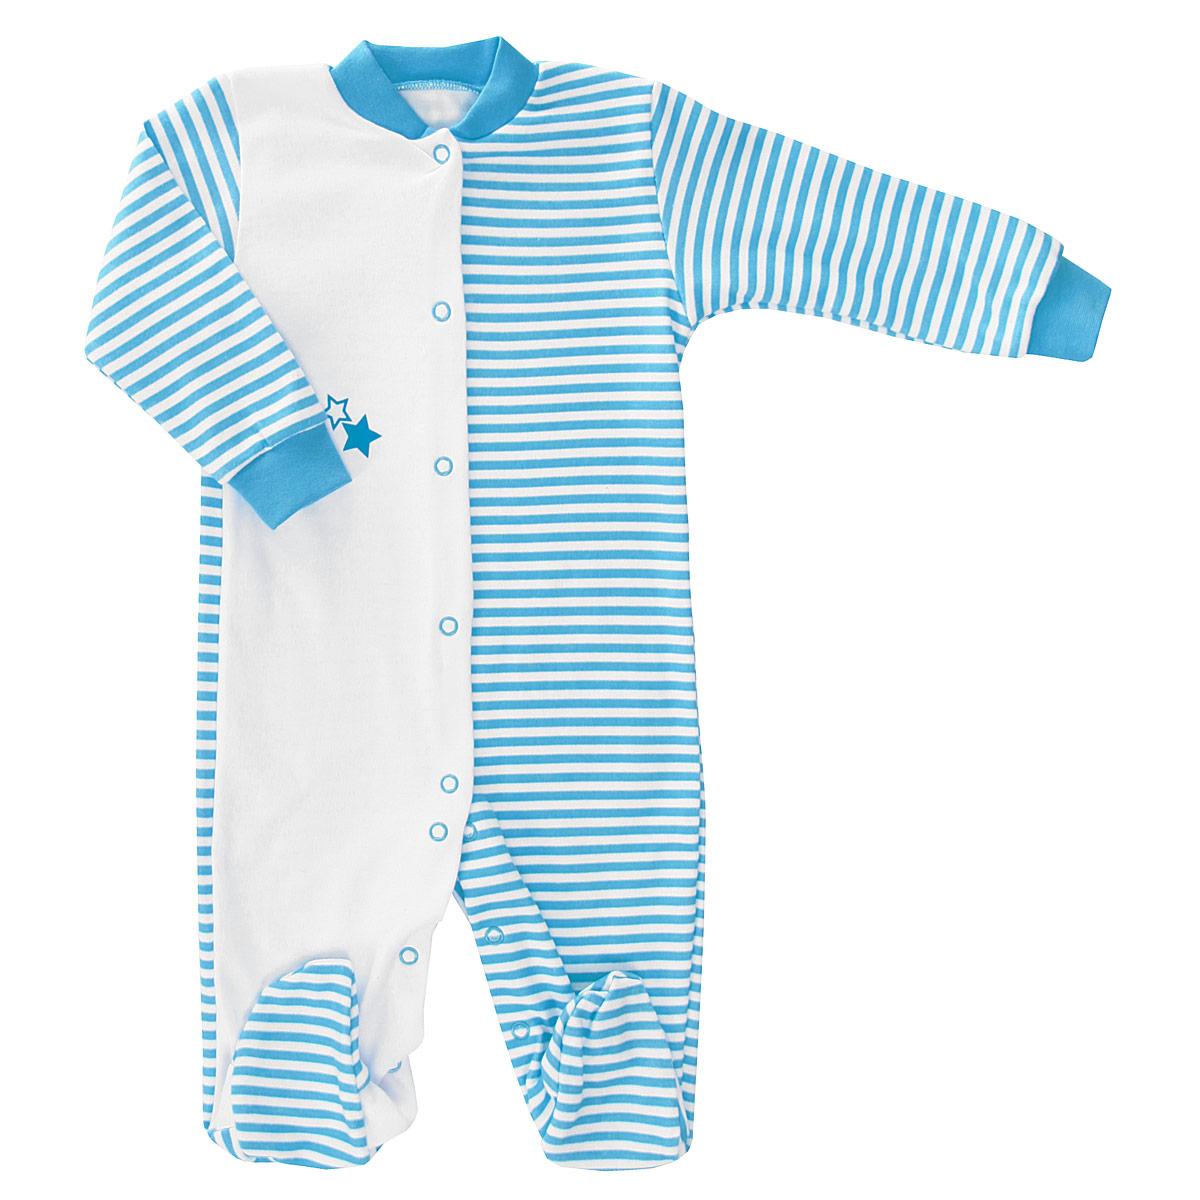 Комбинезон для мальчика. 36463646Детский комбинезон для мальчика КотМарКот - очень удобный и практичный вид одежды для малыша. Комбинезон выполнен из интерлока (натурального хлопка), благодаря чему он необычайно мягкий и приятный на ощупь, не раздражает нежную кожу ребенка и хорошо вентилируется, а эластичные швы приятны телу младенца и не препятствуют его движениям. Комбинезон с длинными рукавами и закрытыми ножками имеет застежки-кнопки от горловины до щиколоток, которые помогают легко переодеть ребенка или сменить подгузник. Рукава дополнены широкими контрастными трикотажными манжетами, которые мягко обхватывают запястья, горловина дополнена небольшим трикотажным воротничком контрастного цвета. Модель оформлена принтом в полоску. Одна передняя полочка однотонная и декорирована изображением звездочек. С таким детским комбинезоном спинка и ножки вашего малыша всегда будут в тепле, он идеален для использования днем и незаменим ночью. Комбинезон полностью соответствует особенностям жизни младенца в...